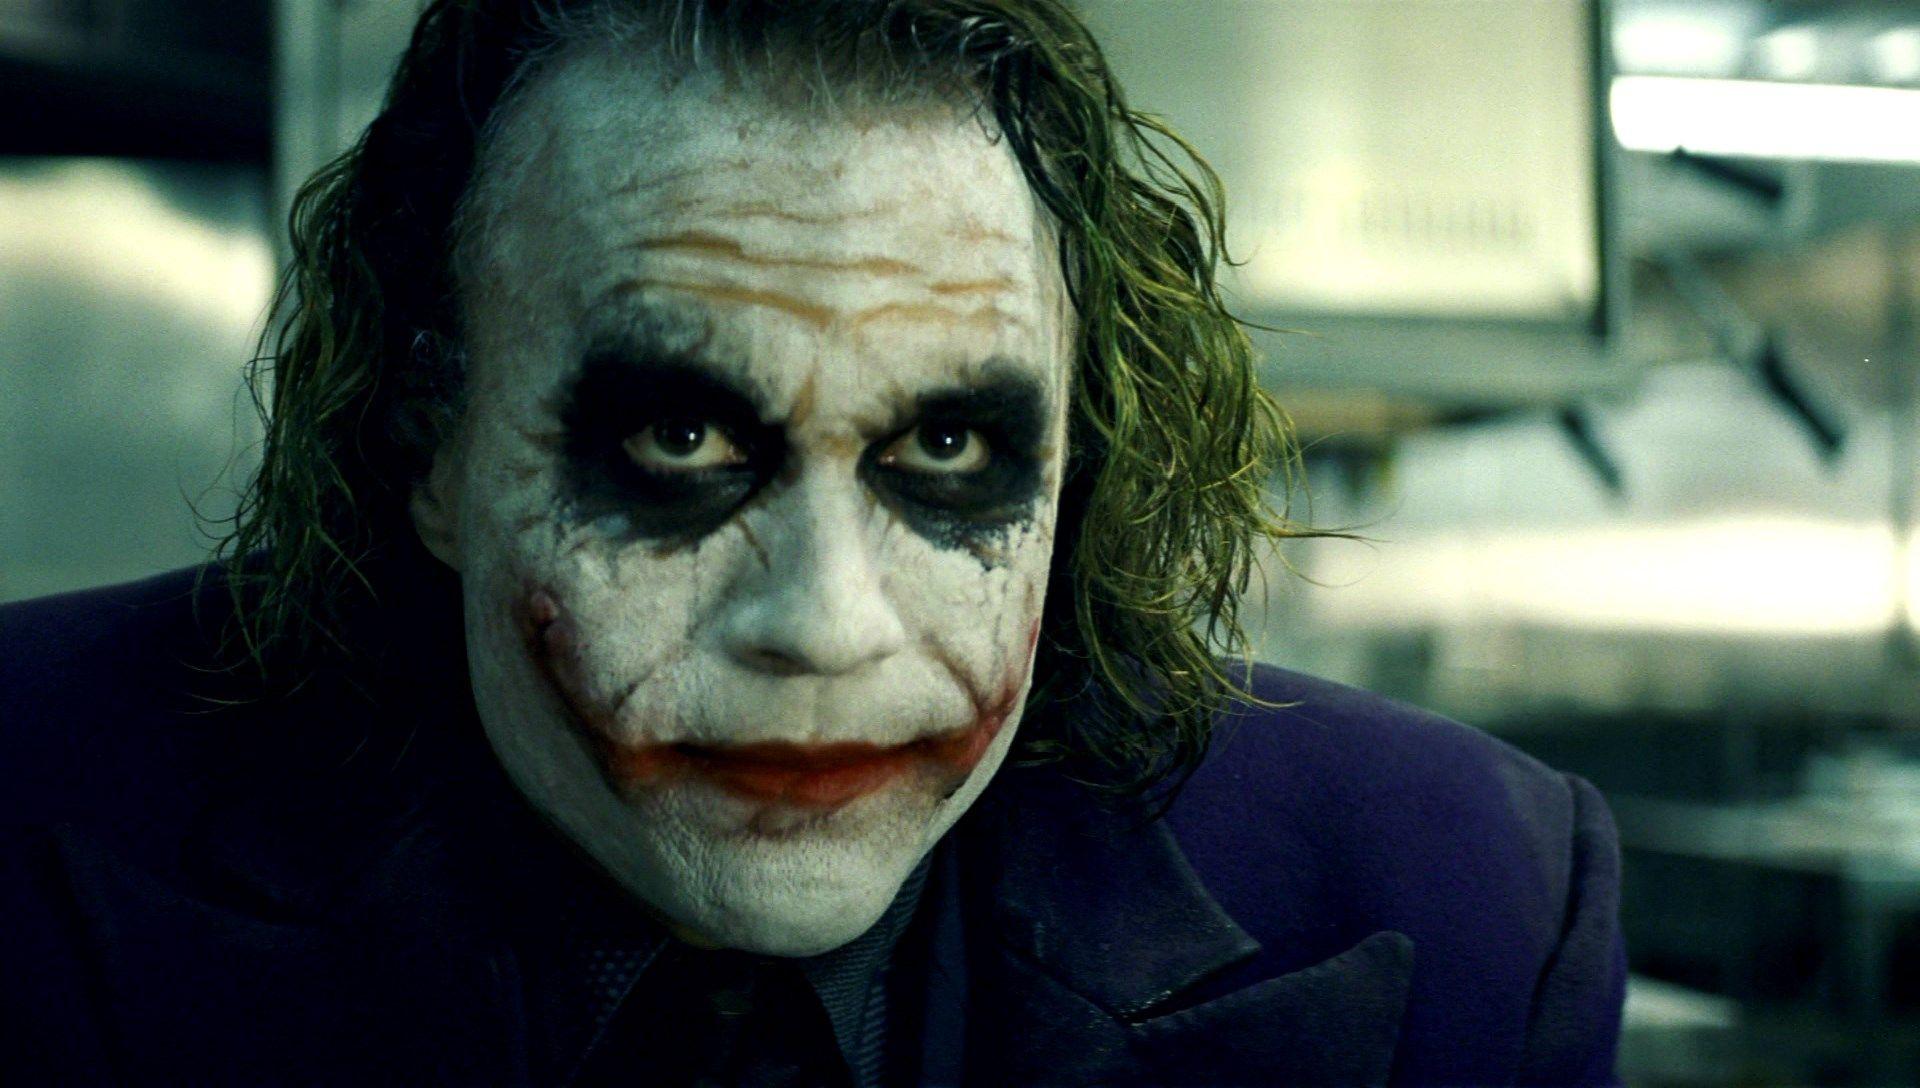 joker picture desktop